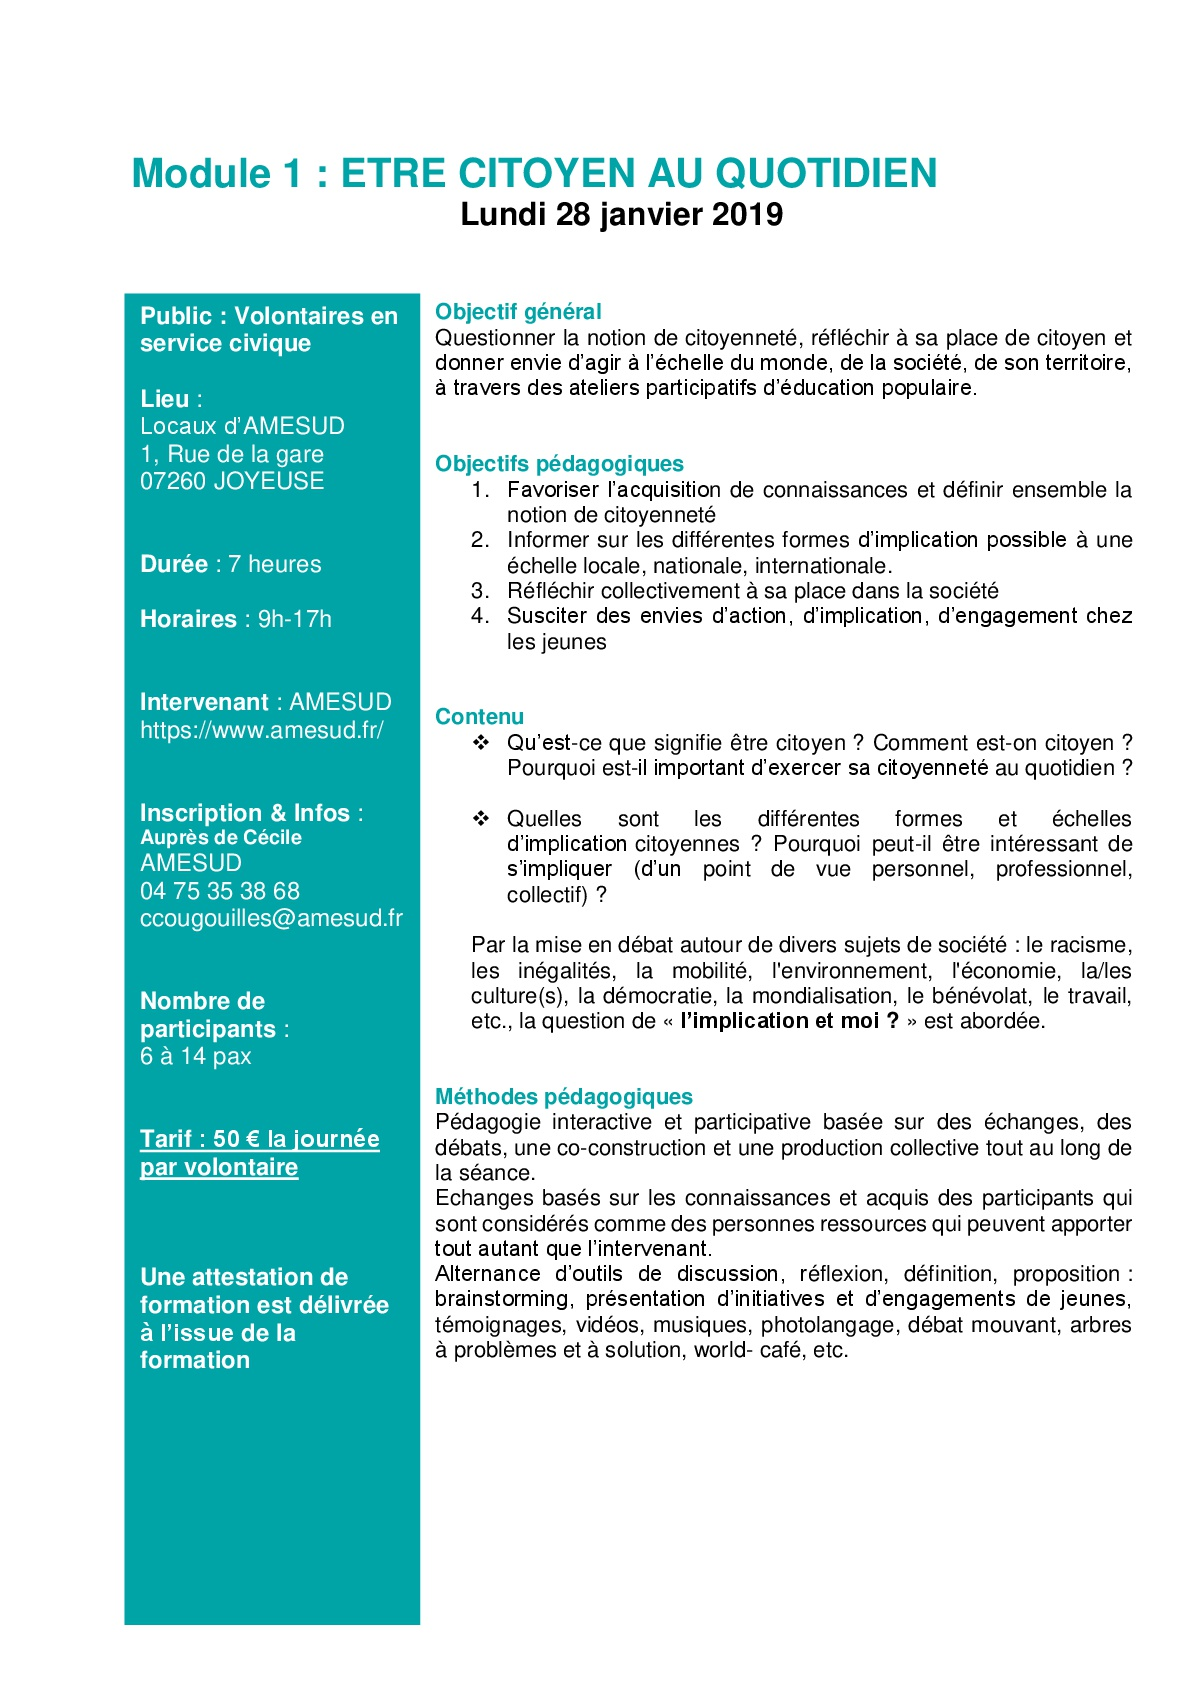 SC - Formation pour volontaires en service civique « Être citoyen au quotidien » @ AMESUD | Joyeuse | Auvergne-Rhône-Alpes | France